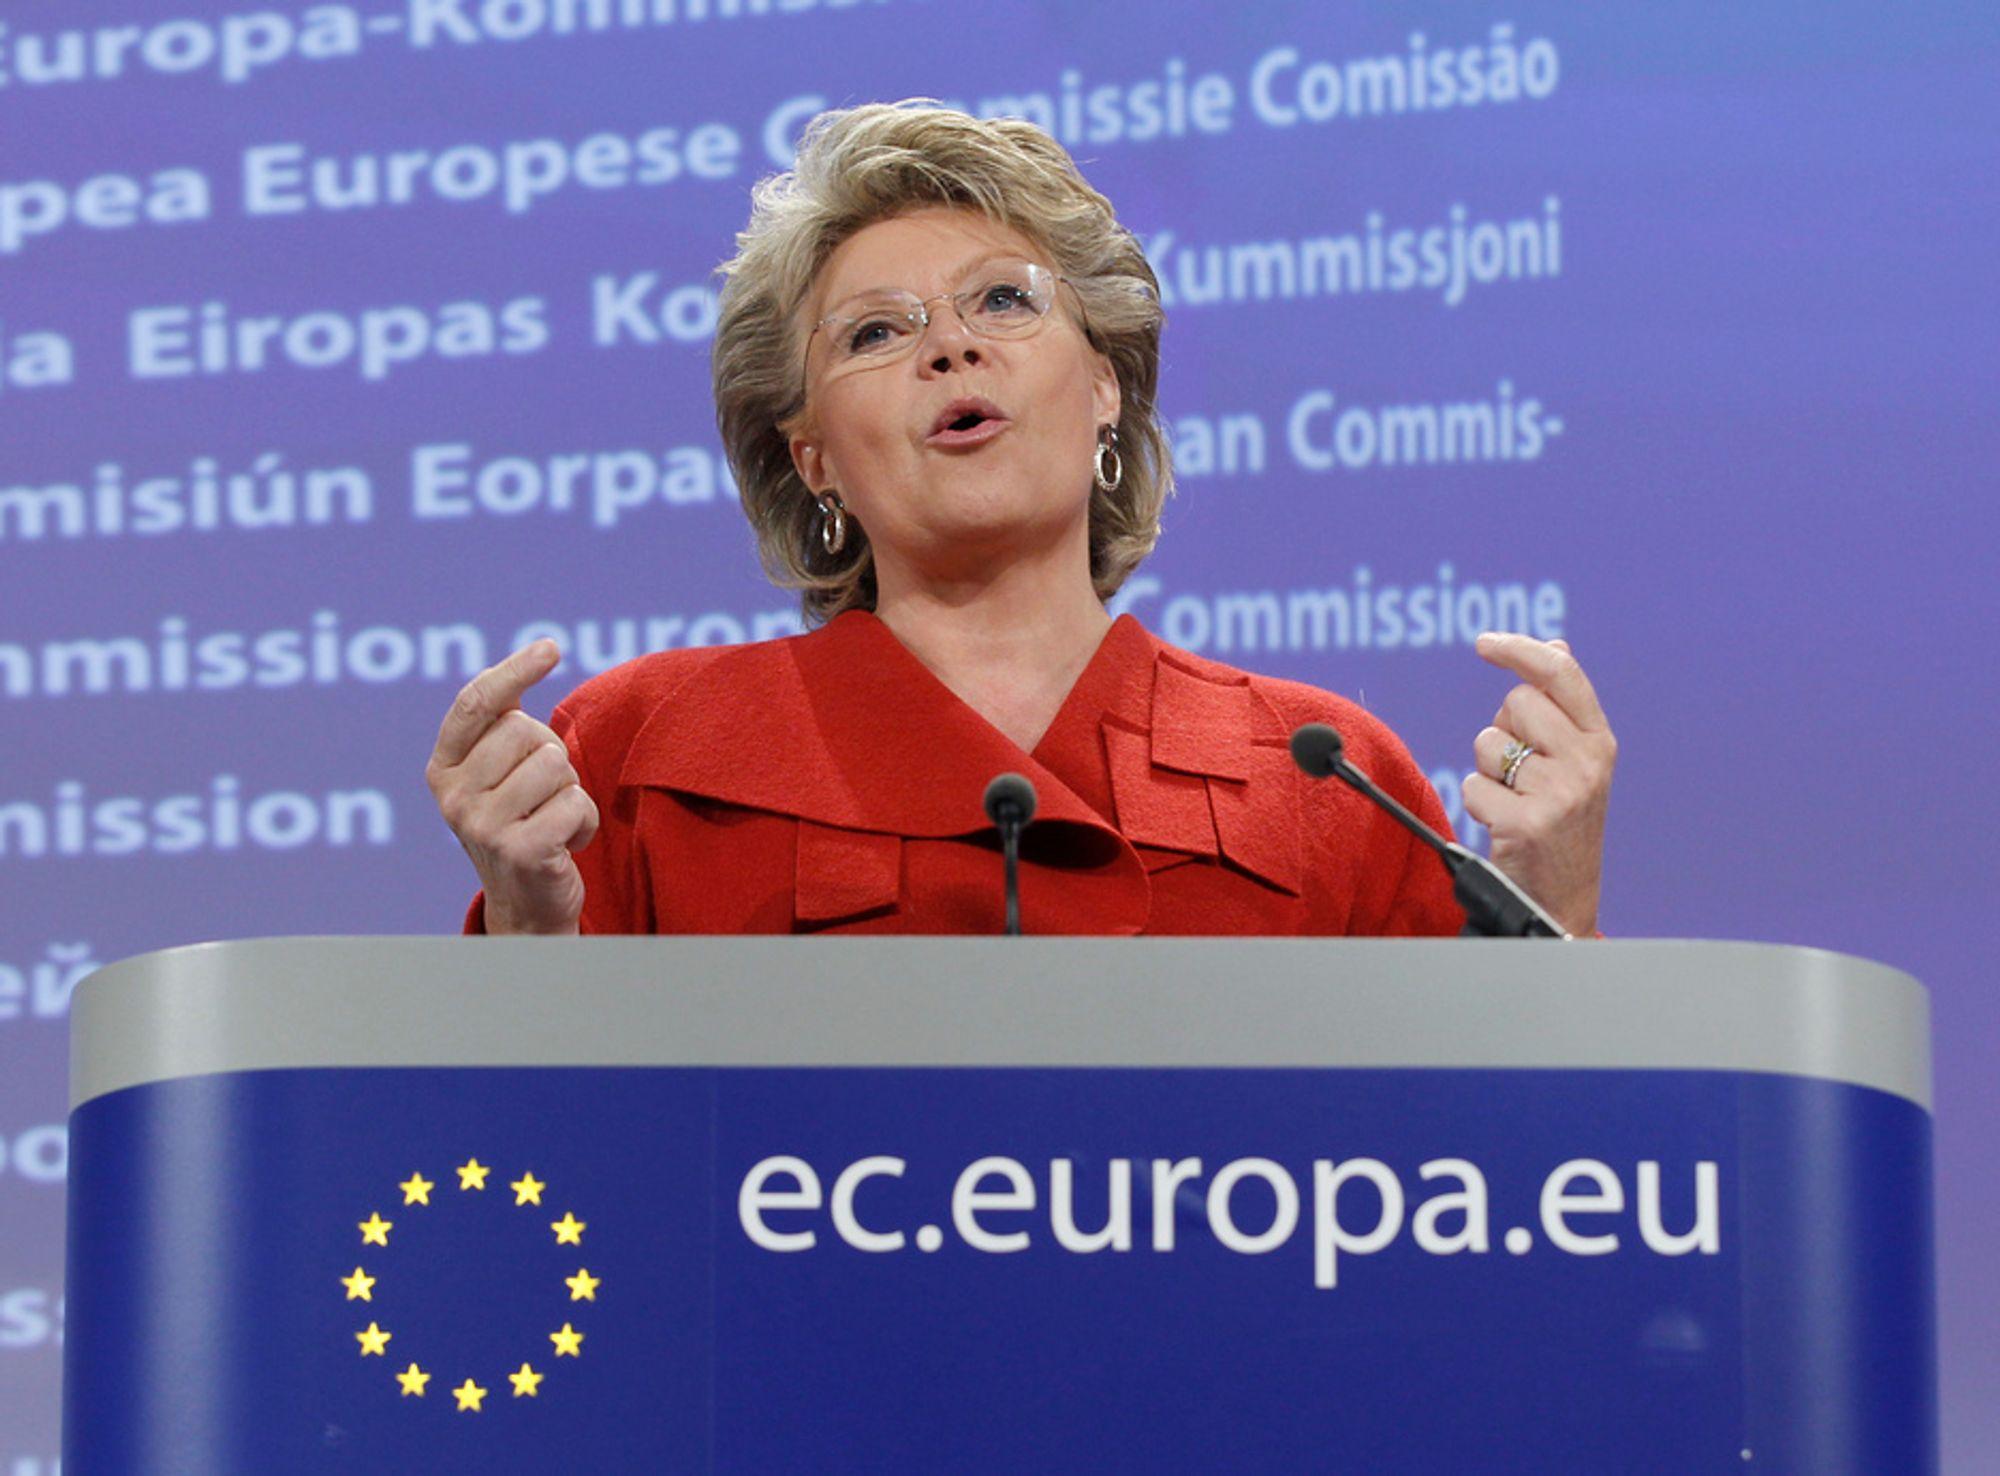 FORSVINNINGSRETT: Viviane Reding vil gi folk «retten til å bli glemt» hvis de ønsker å forsvinne fra for eksempel Google eller Facebook.